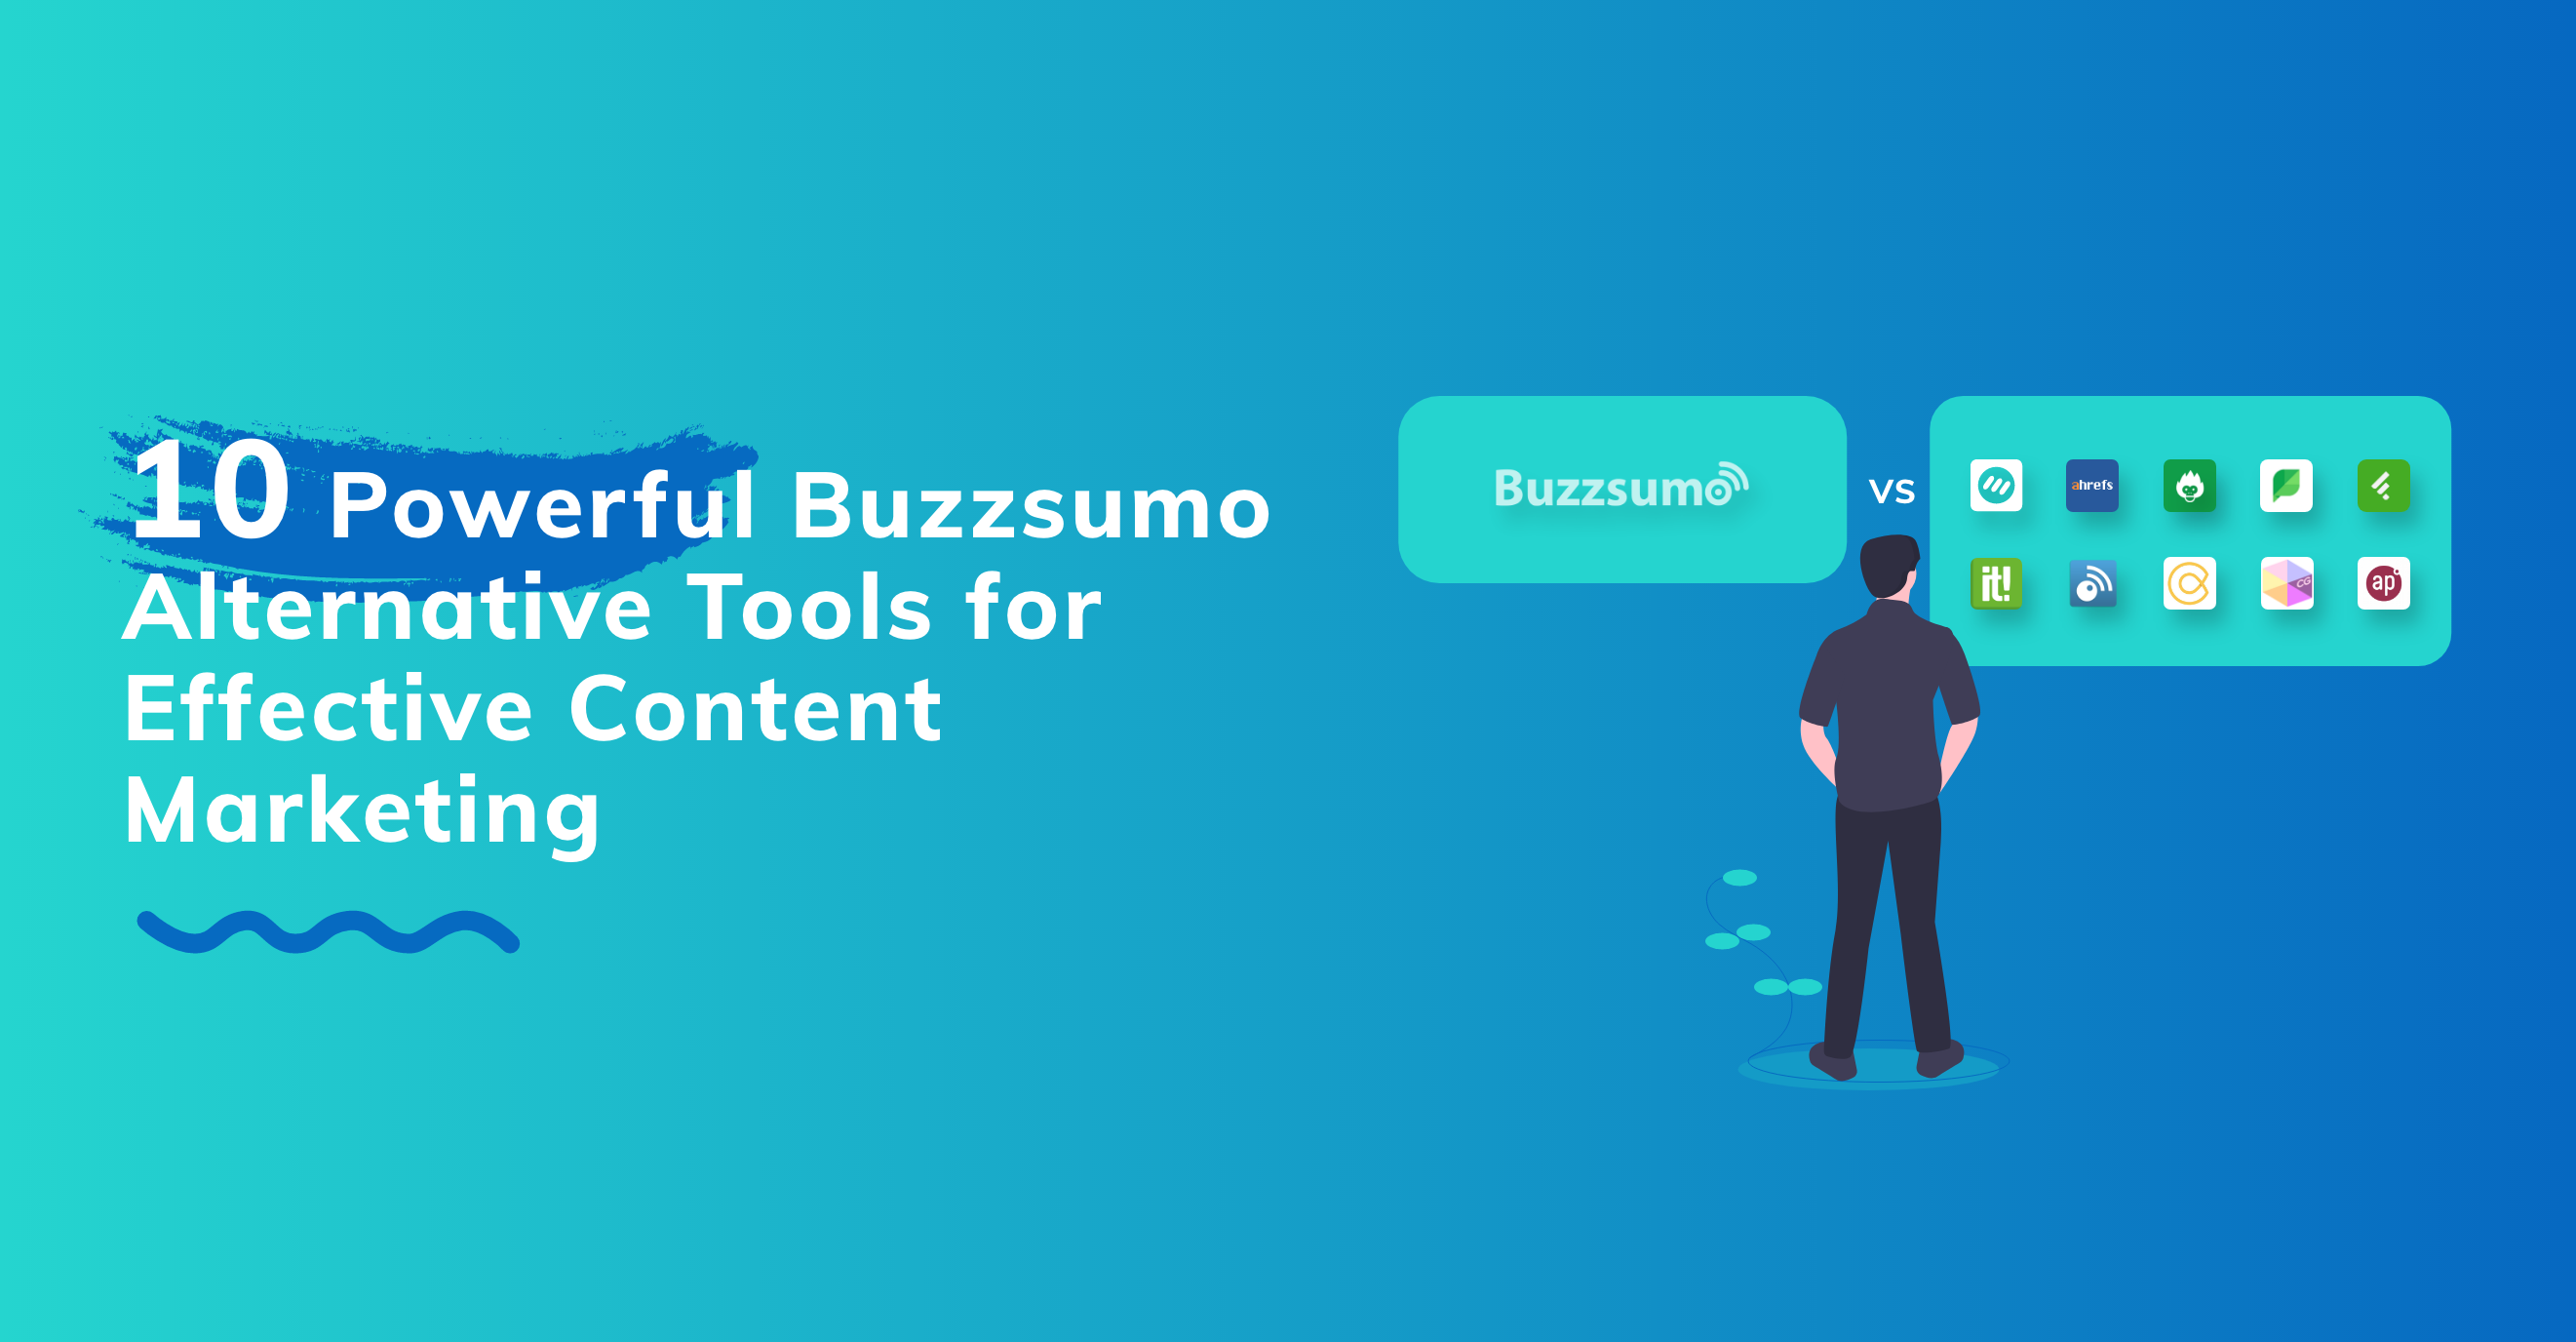 10 Buzzsumo Alternatives